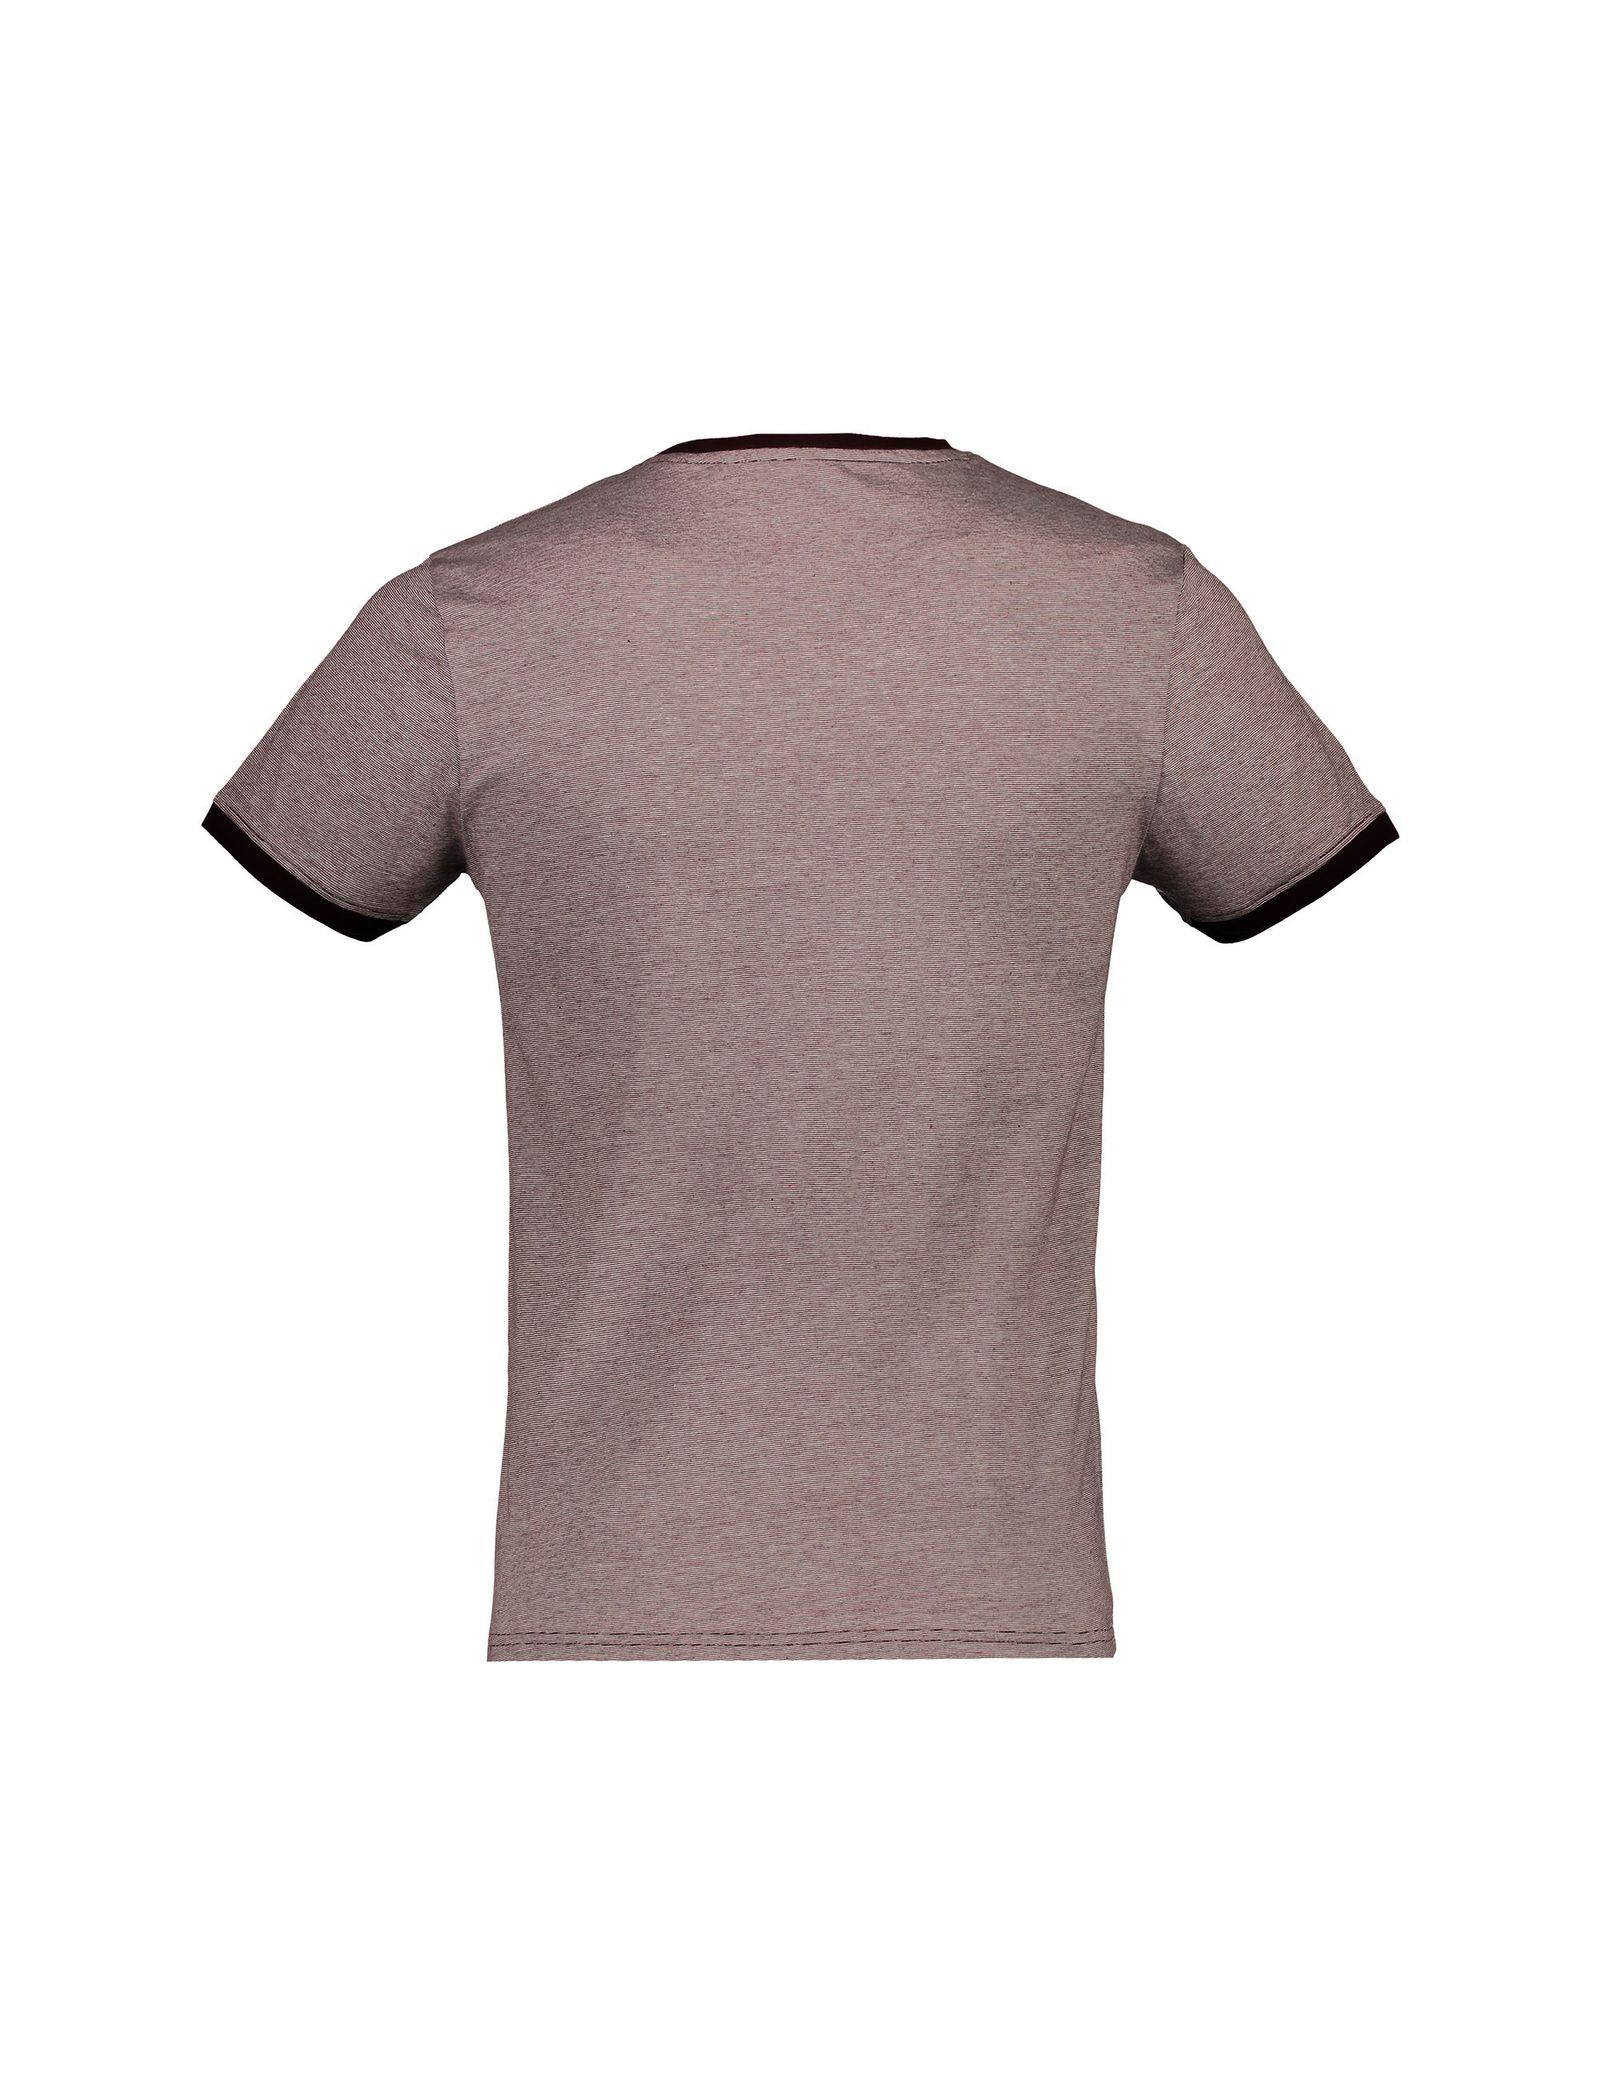 تی شرت نخی یقه گرد مردانه - رد هرینگ - زرشکي - 2